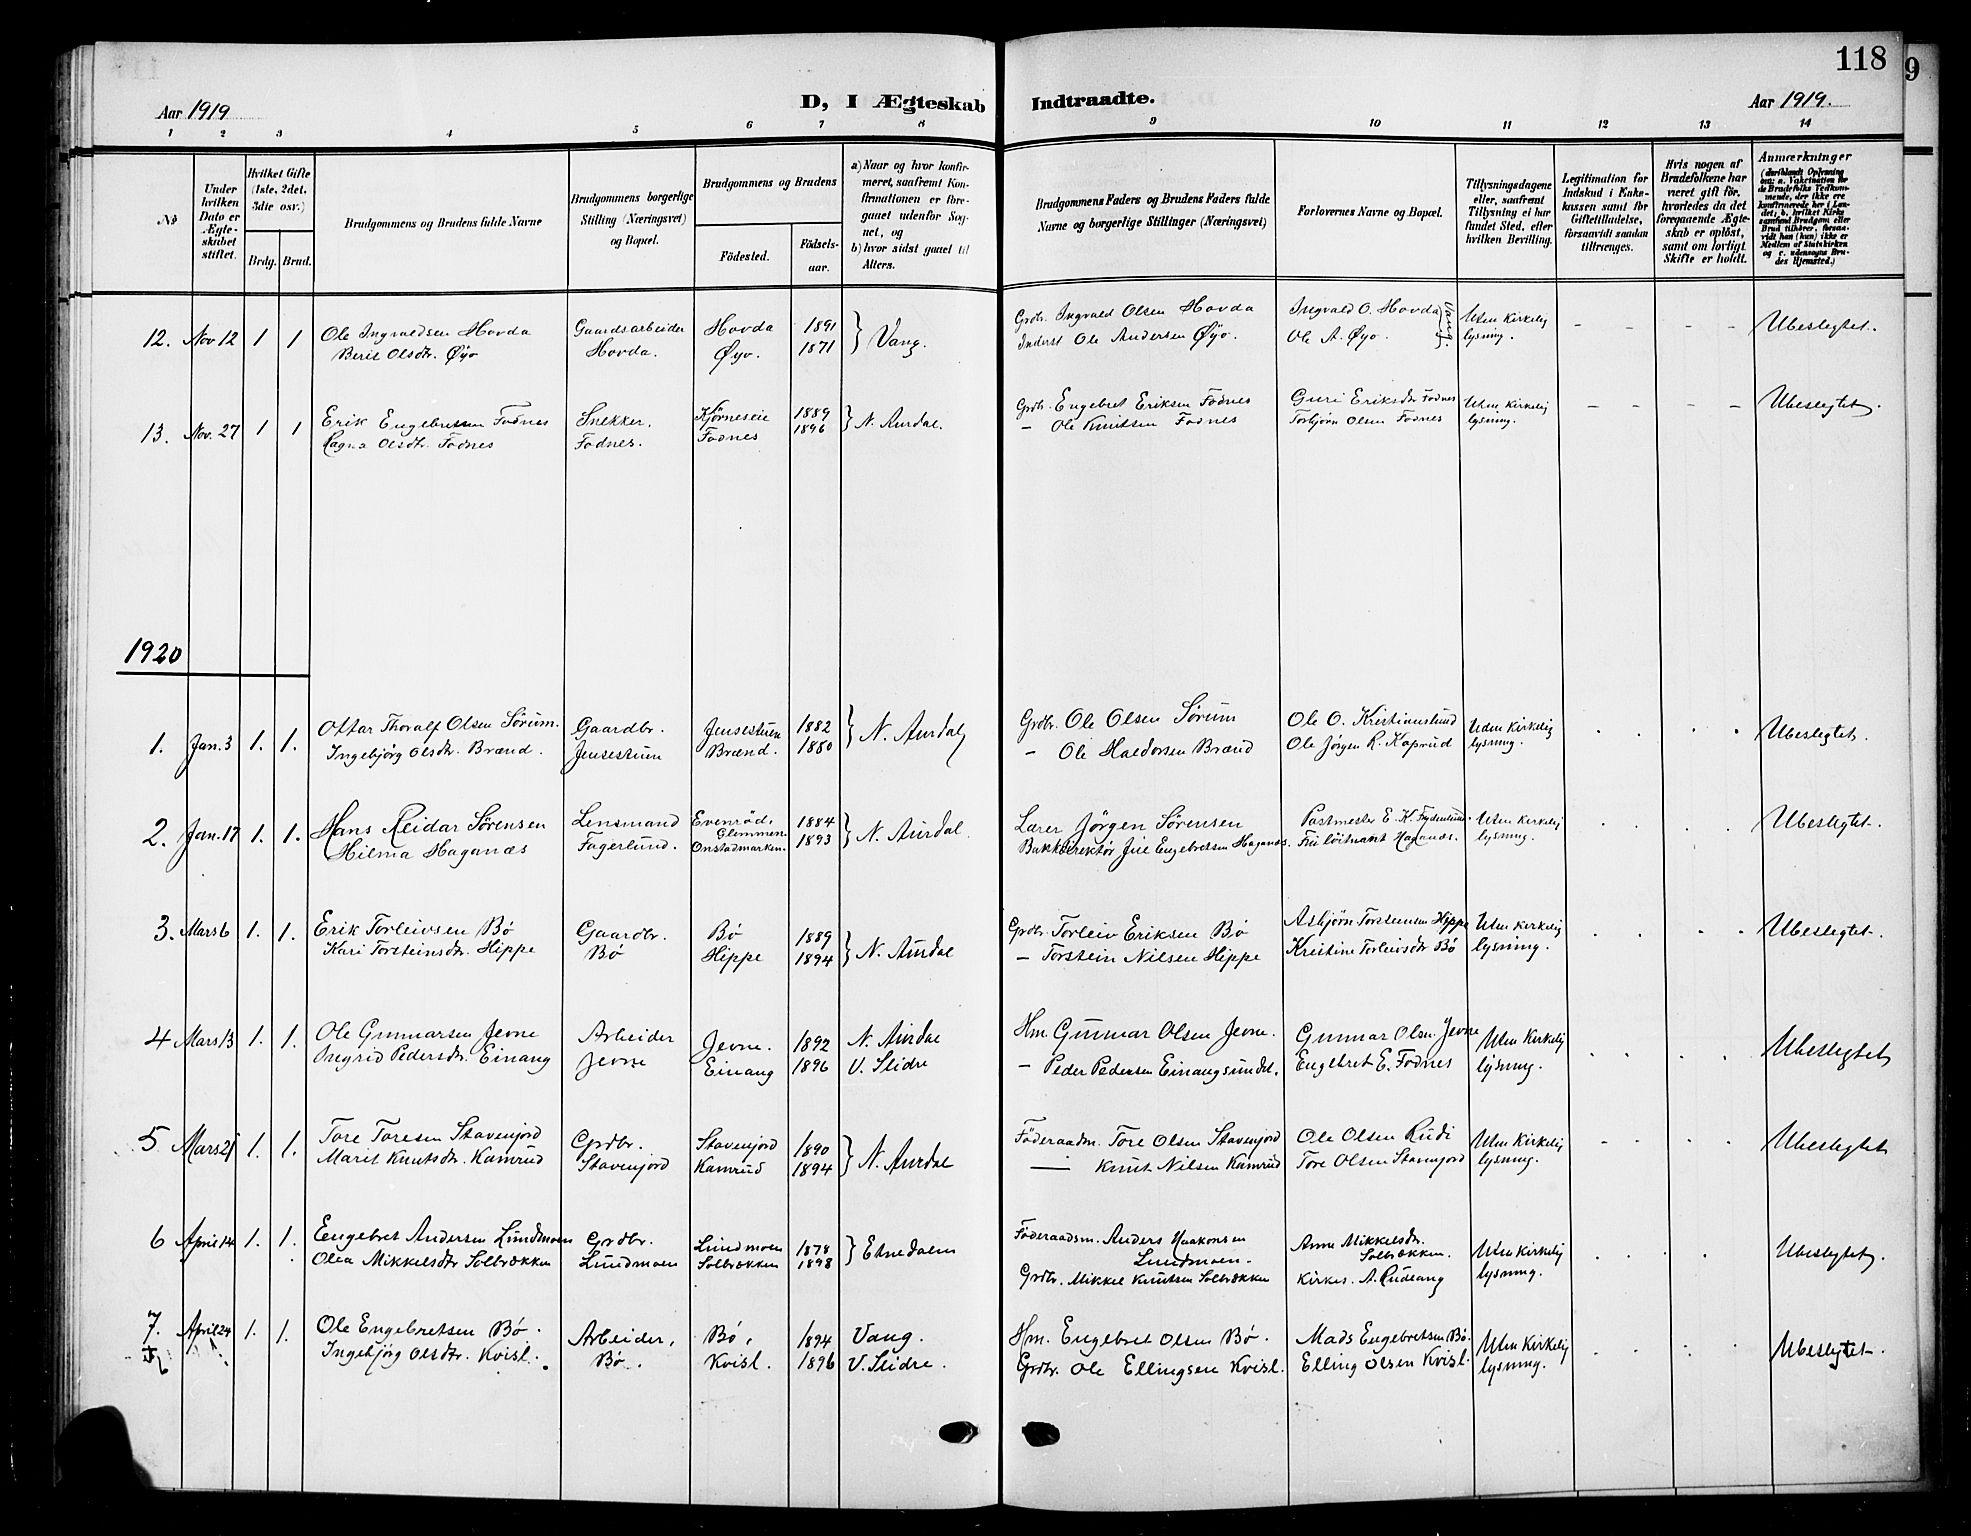 SAH, Nord-Aurdal prestekontor, Klokkerbok nr. 12, 1907-1920, s. 118